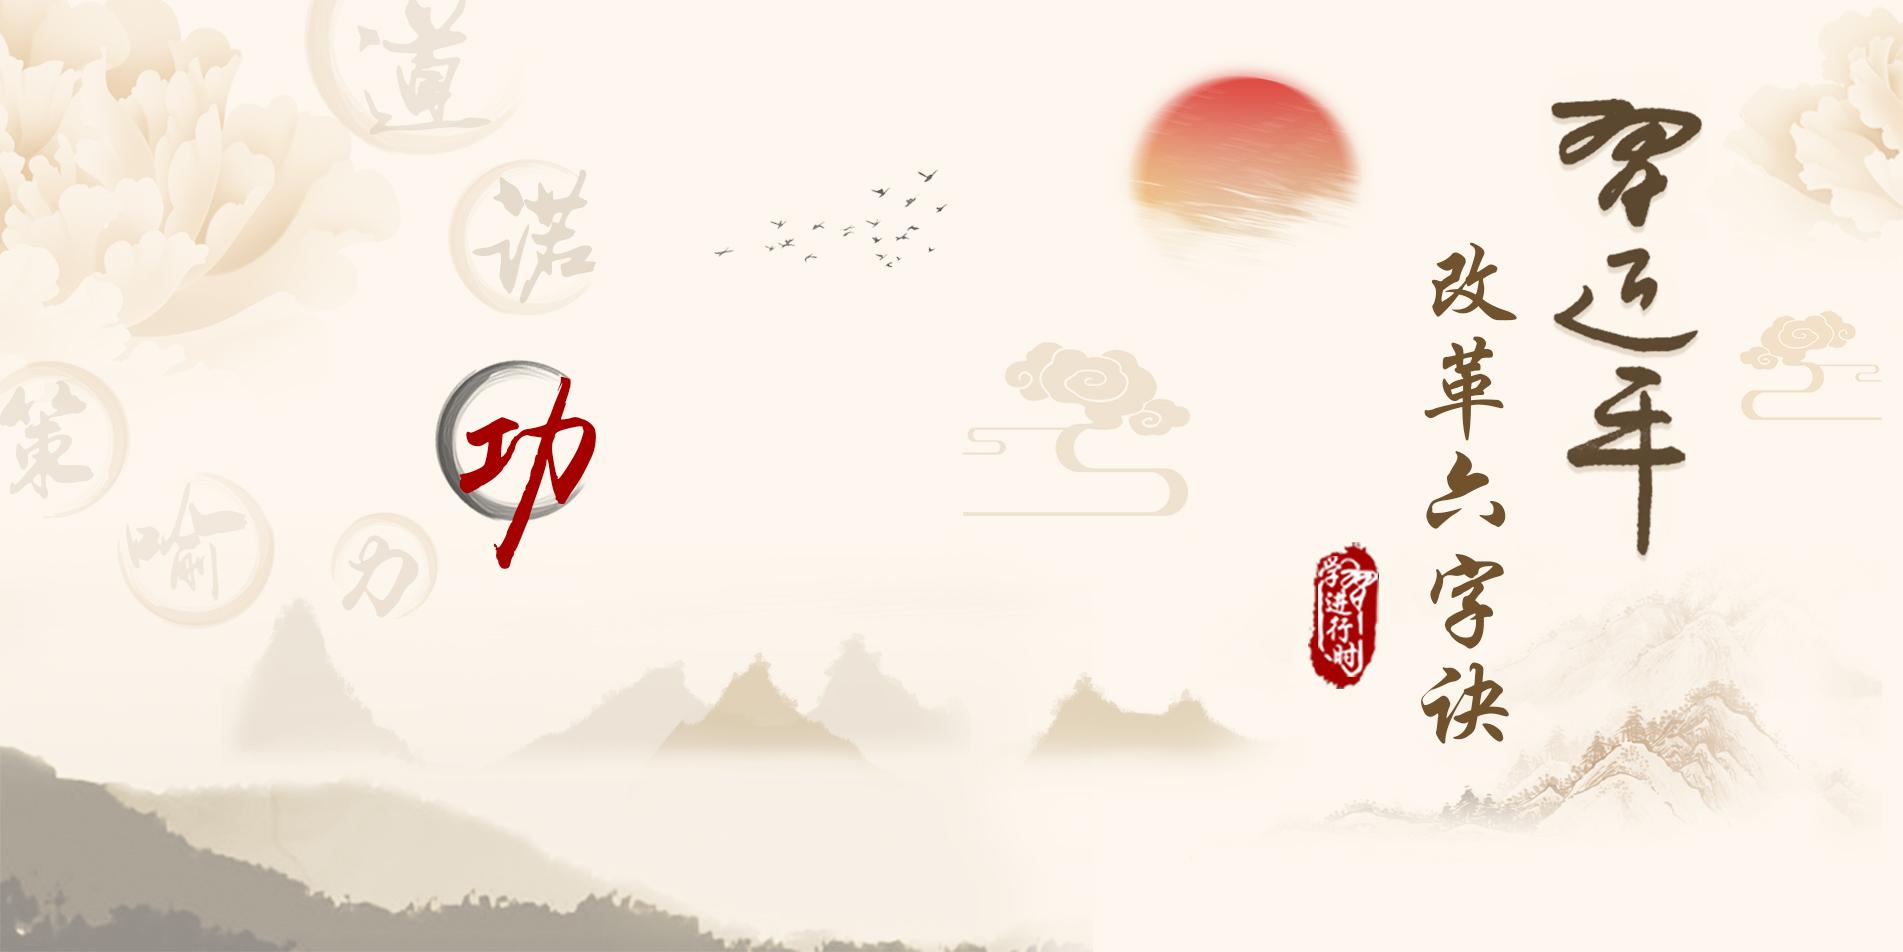 中国革新开放一定乐成,也肯定可以或许乐成!